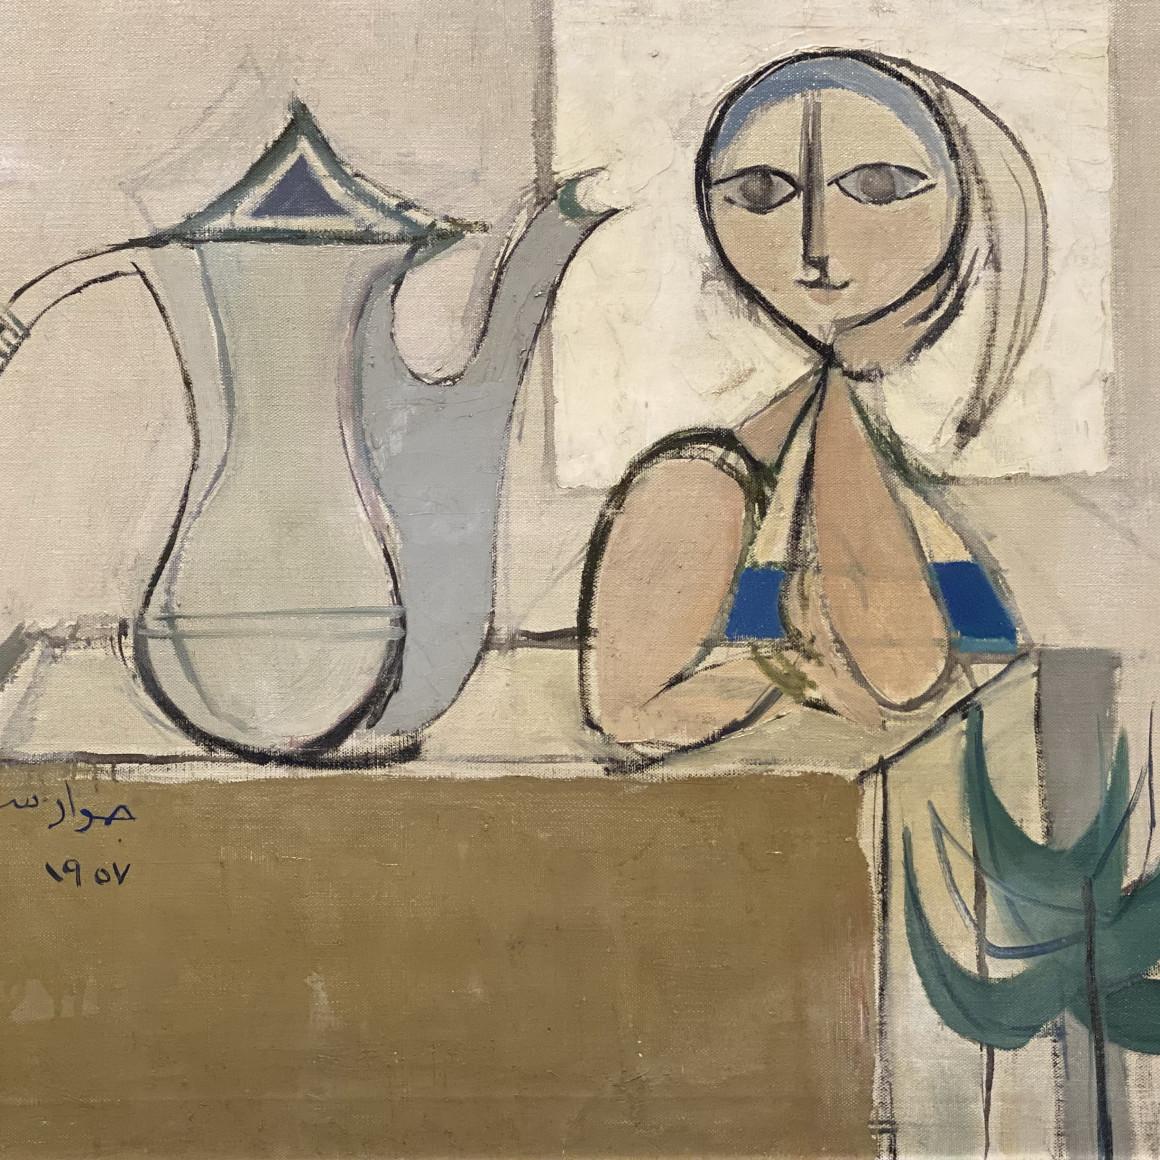 Jewad Selim, Untitled, 1957